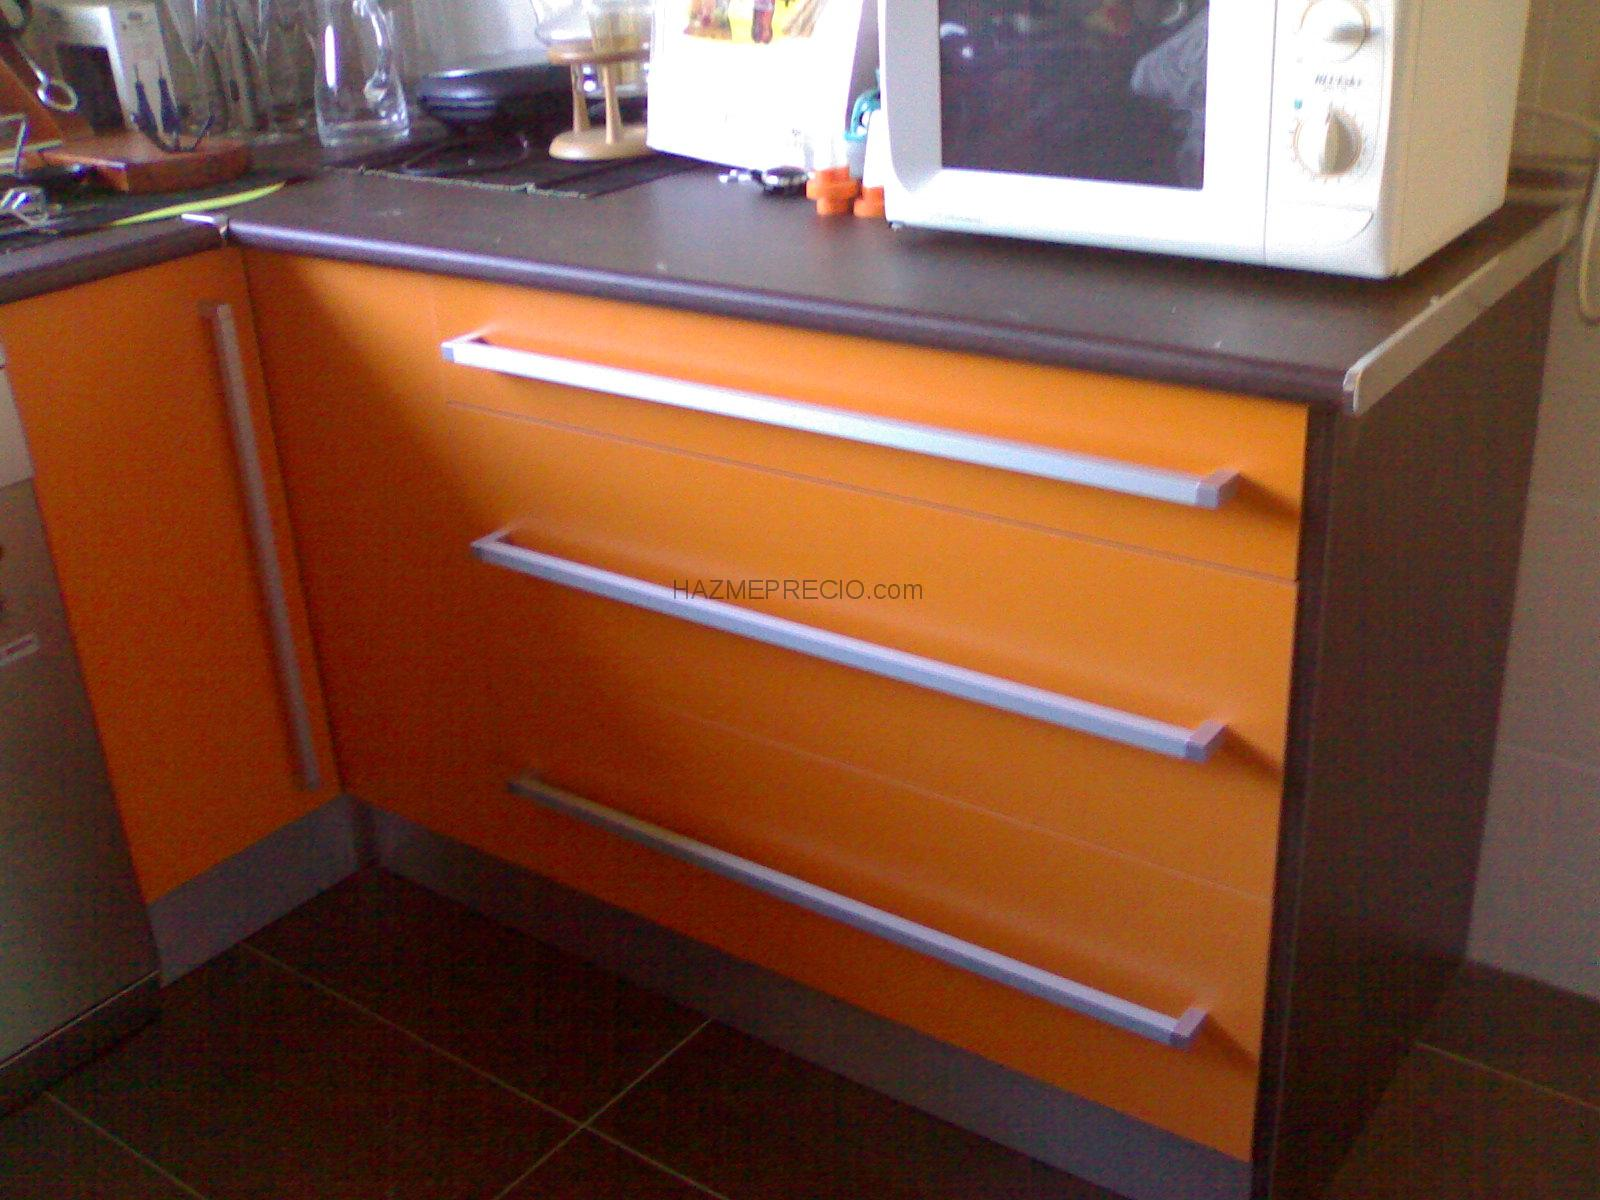 Empresas de muebles de cocina a medida en madrid for Empresas de cocinas